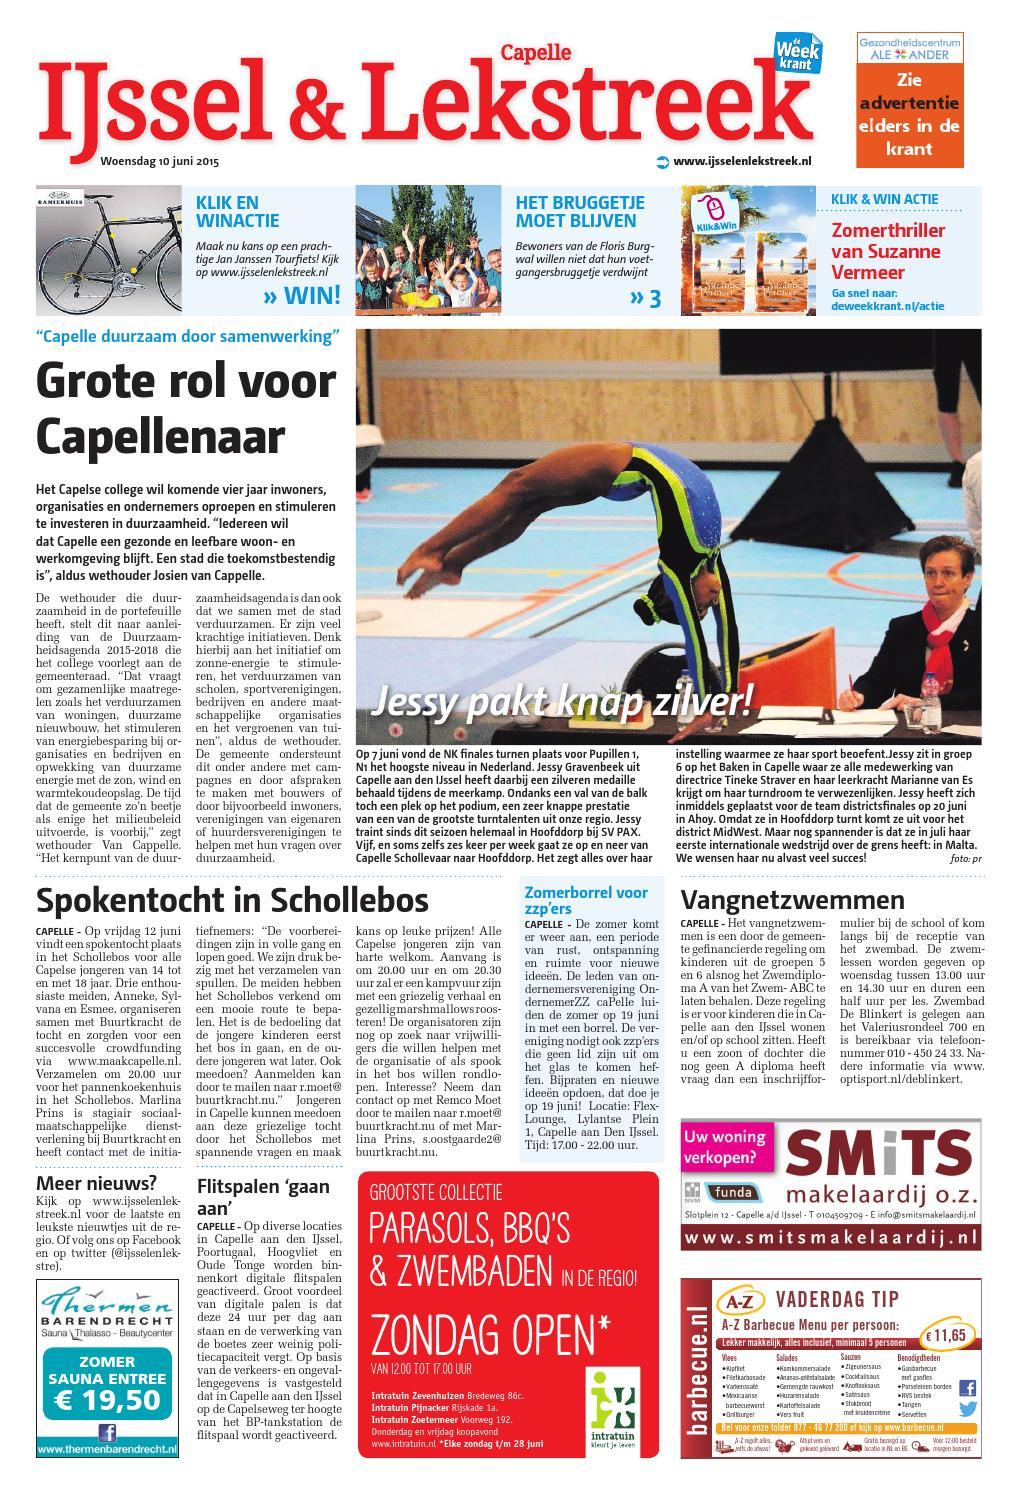 Ijssel lekstreek capelle week24 by wegener issuu fandeluxe Choice Image